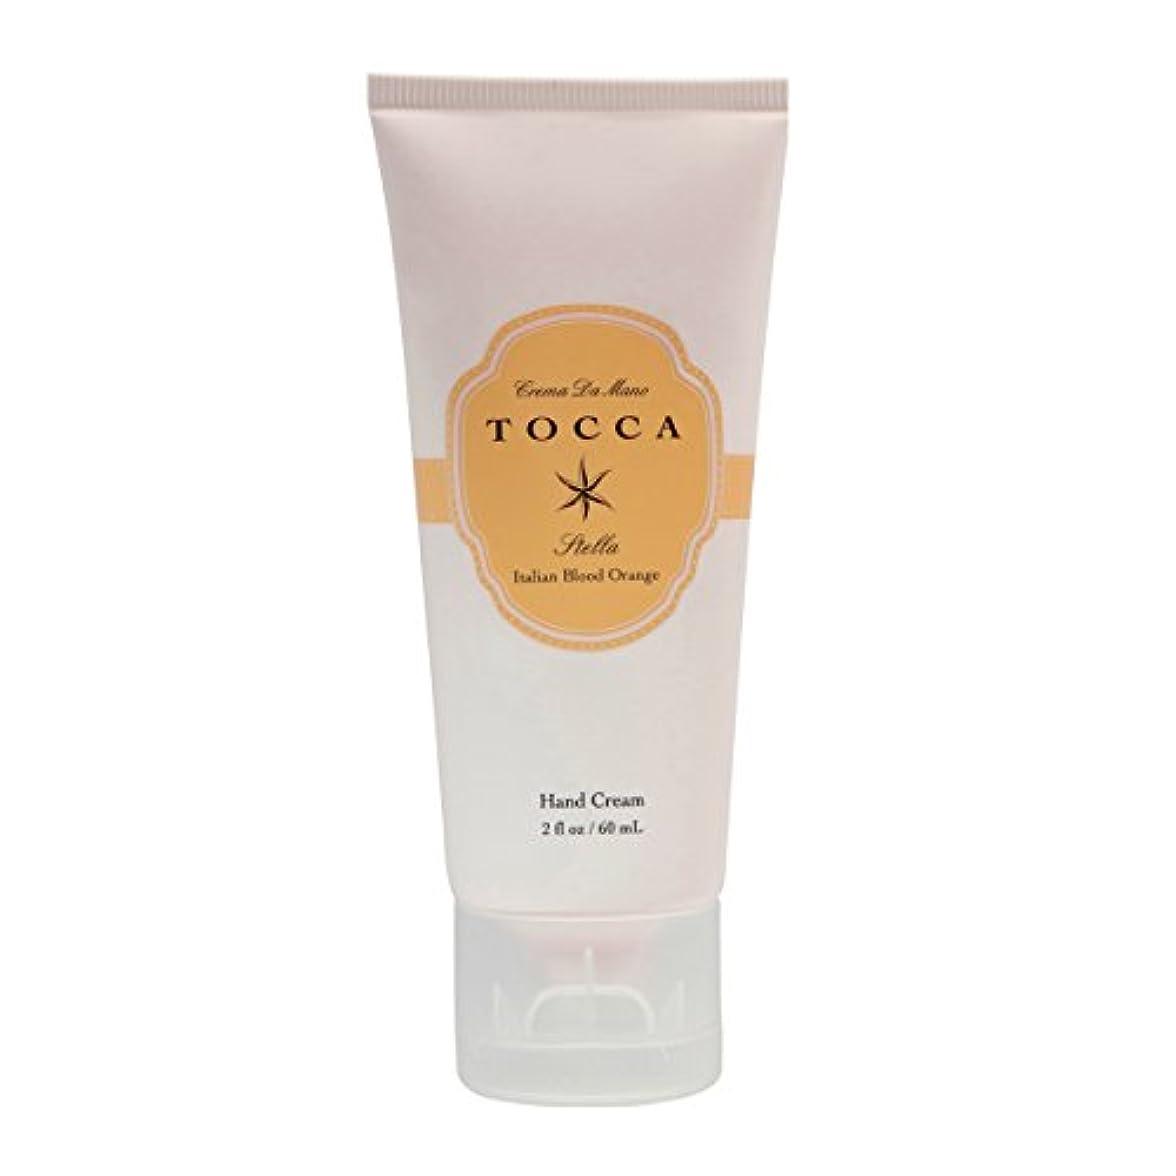 スペイン語鎮静剤すみませんトッカ(TOCCA) ハンドクリーム  ステラの香り 60ml(手指用保湿 イタリアンブラッドオレンジが奏でるフレッシュでビターな爽やかさ漂う香り)